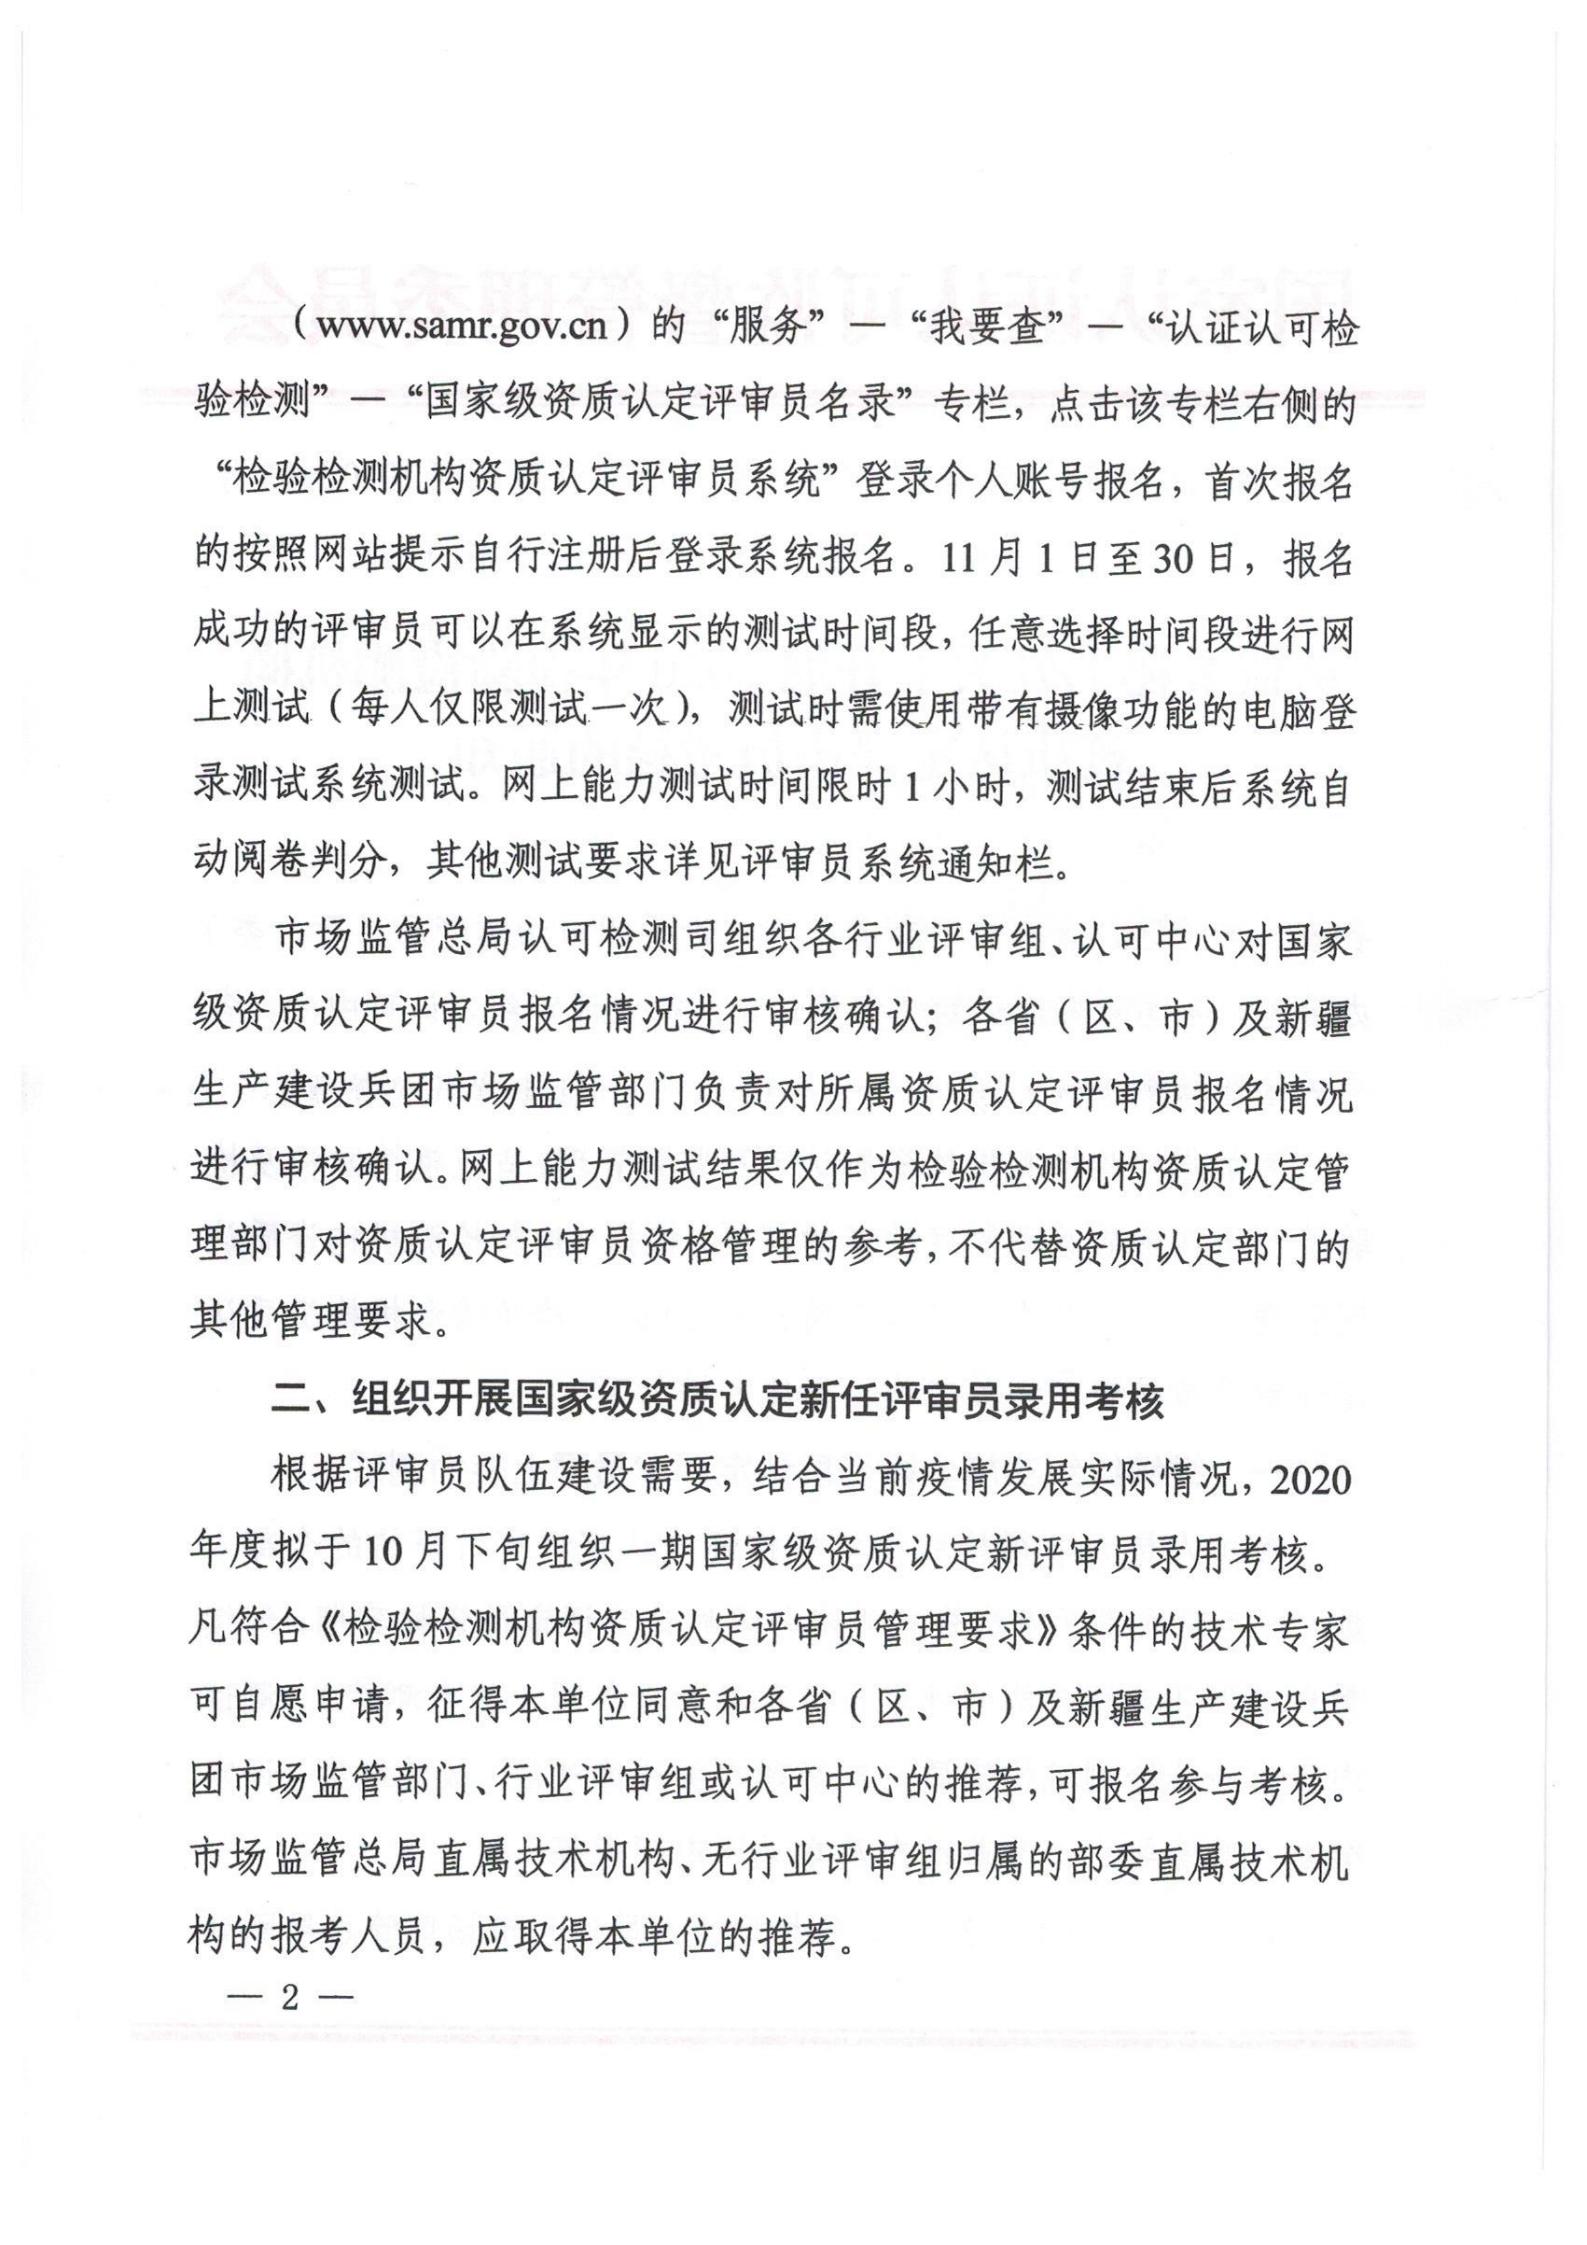 认监委秘书处关于开展2020年检验检测机构资质认定评审员考核的通知_01.png